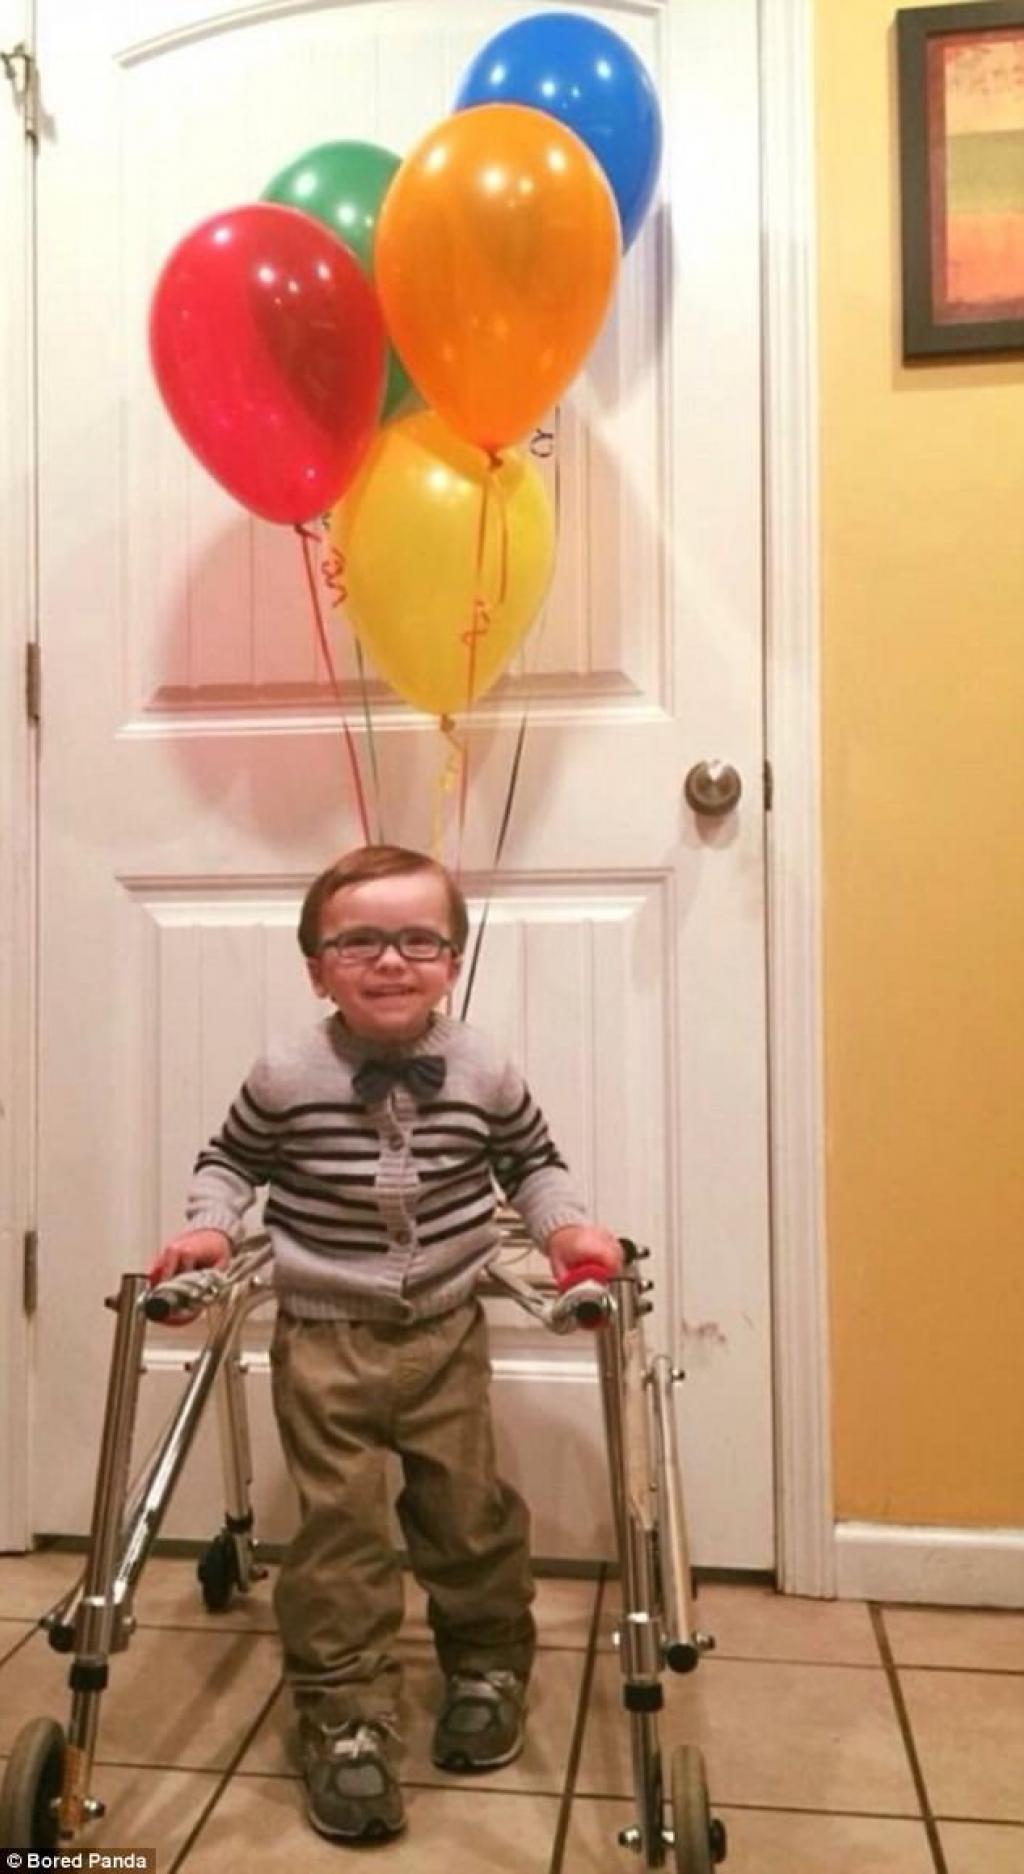 Top-10-les-photos-de-personnes-handicapees-qui-remportent-la-palme-des-meilleurs-costumes-d-Halloween